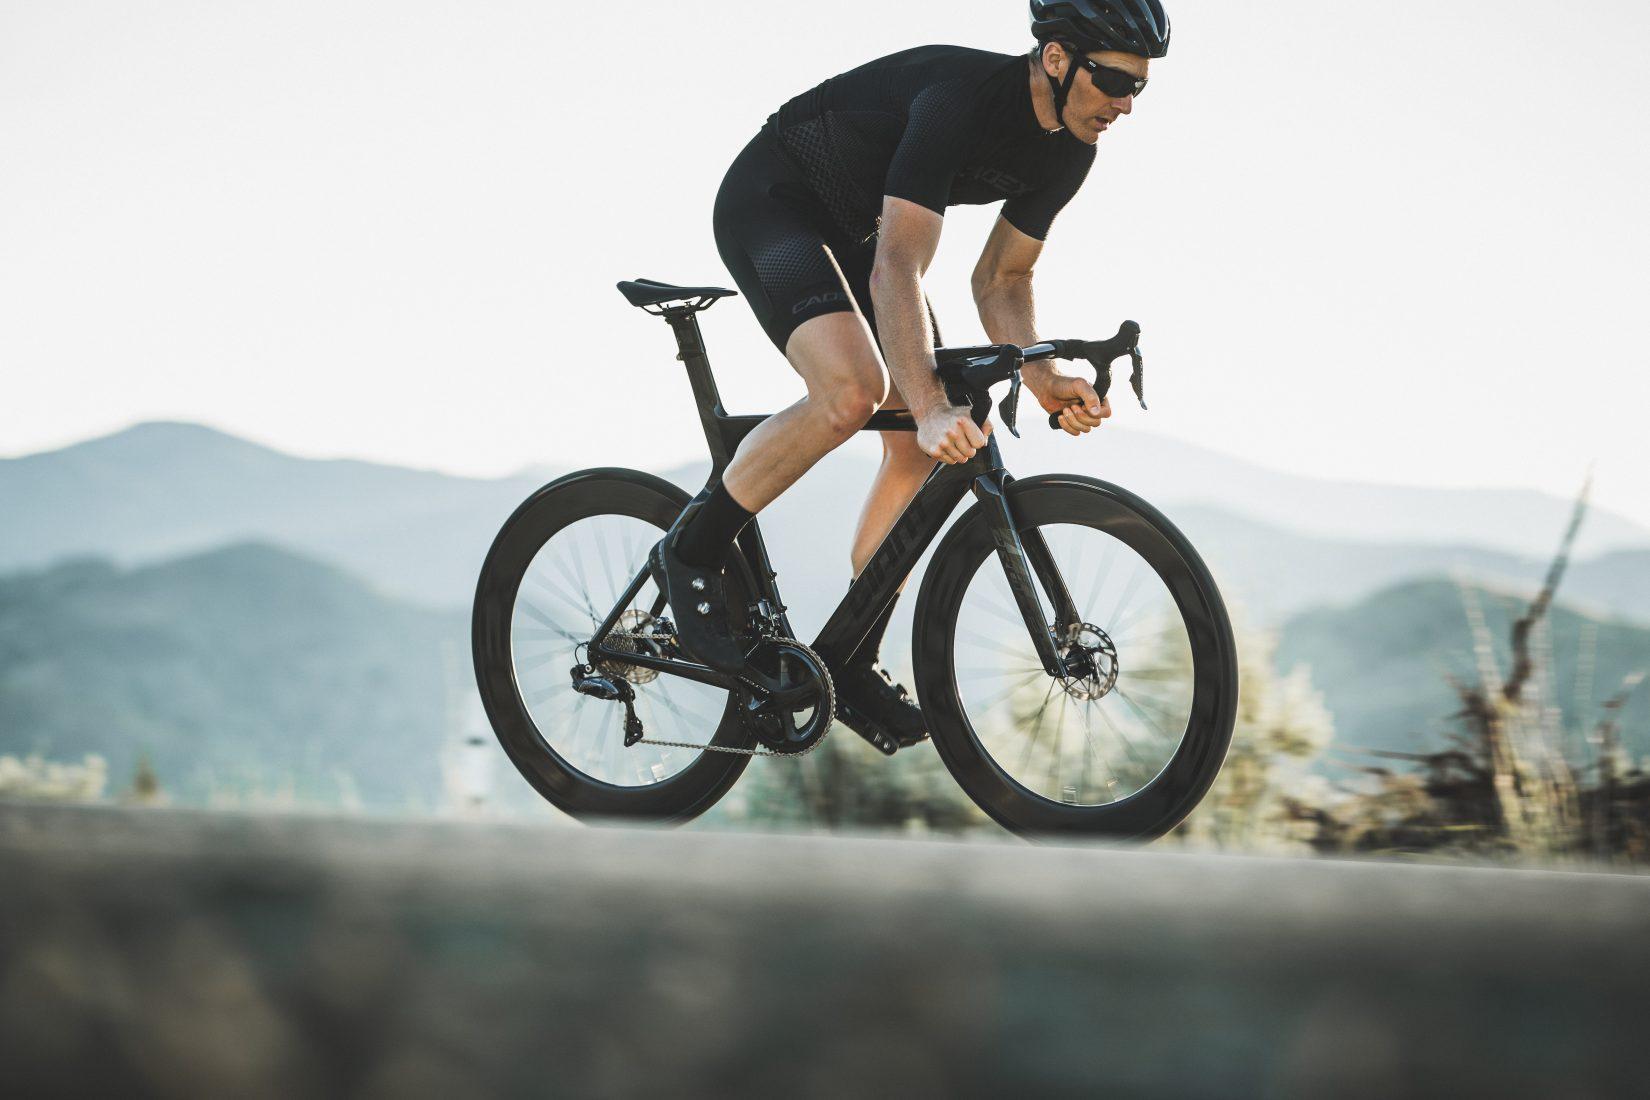 Presentato CADEX, il nuovo marchio di componenti ultra performanti per il ciclismo